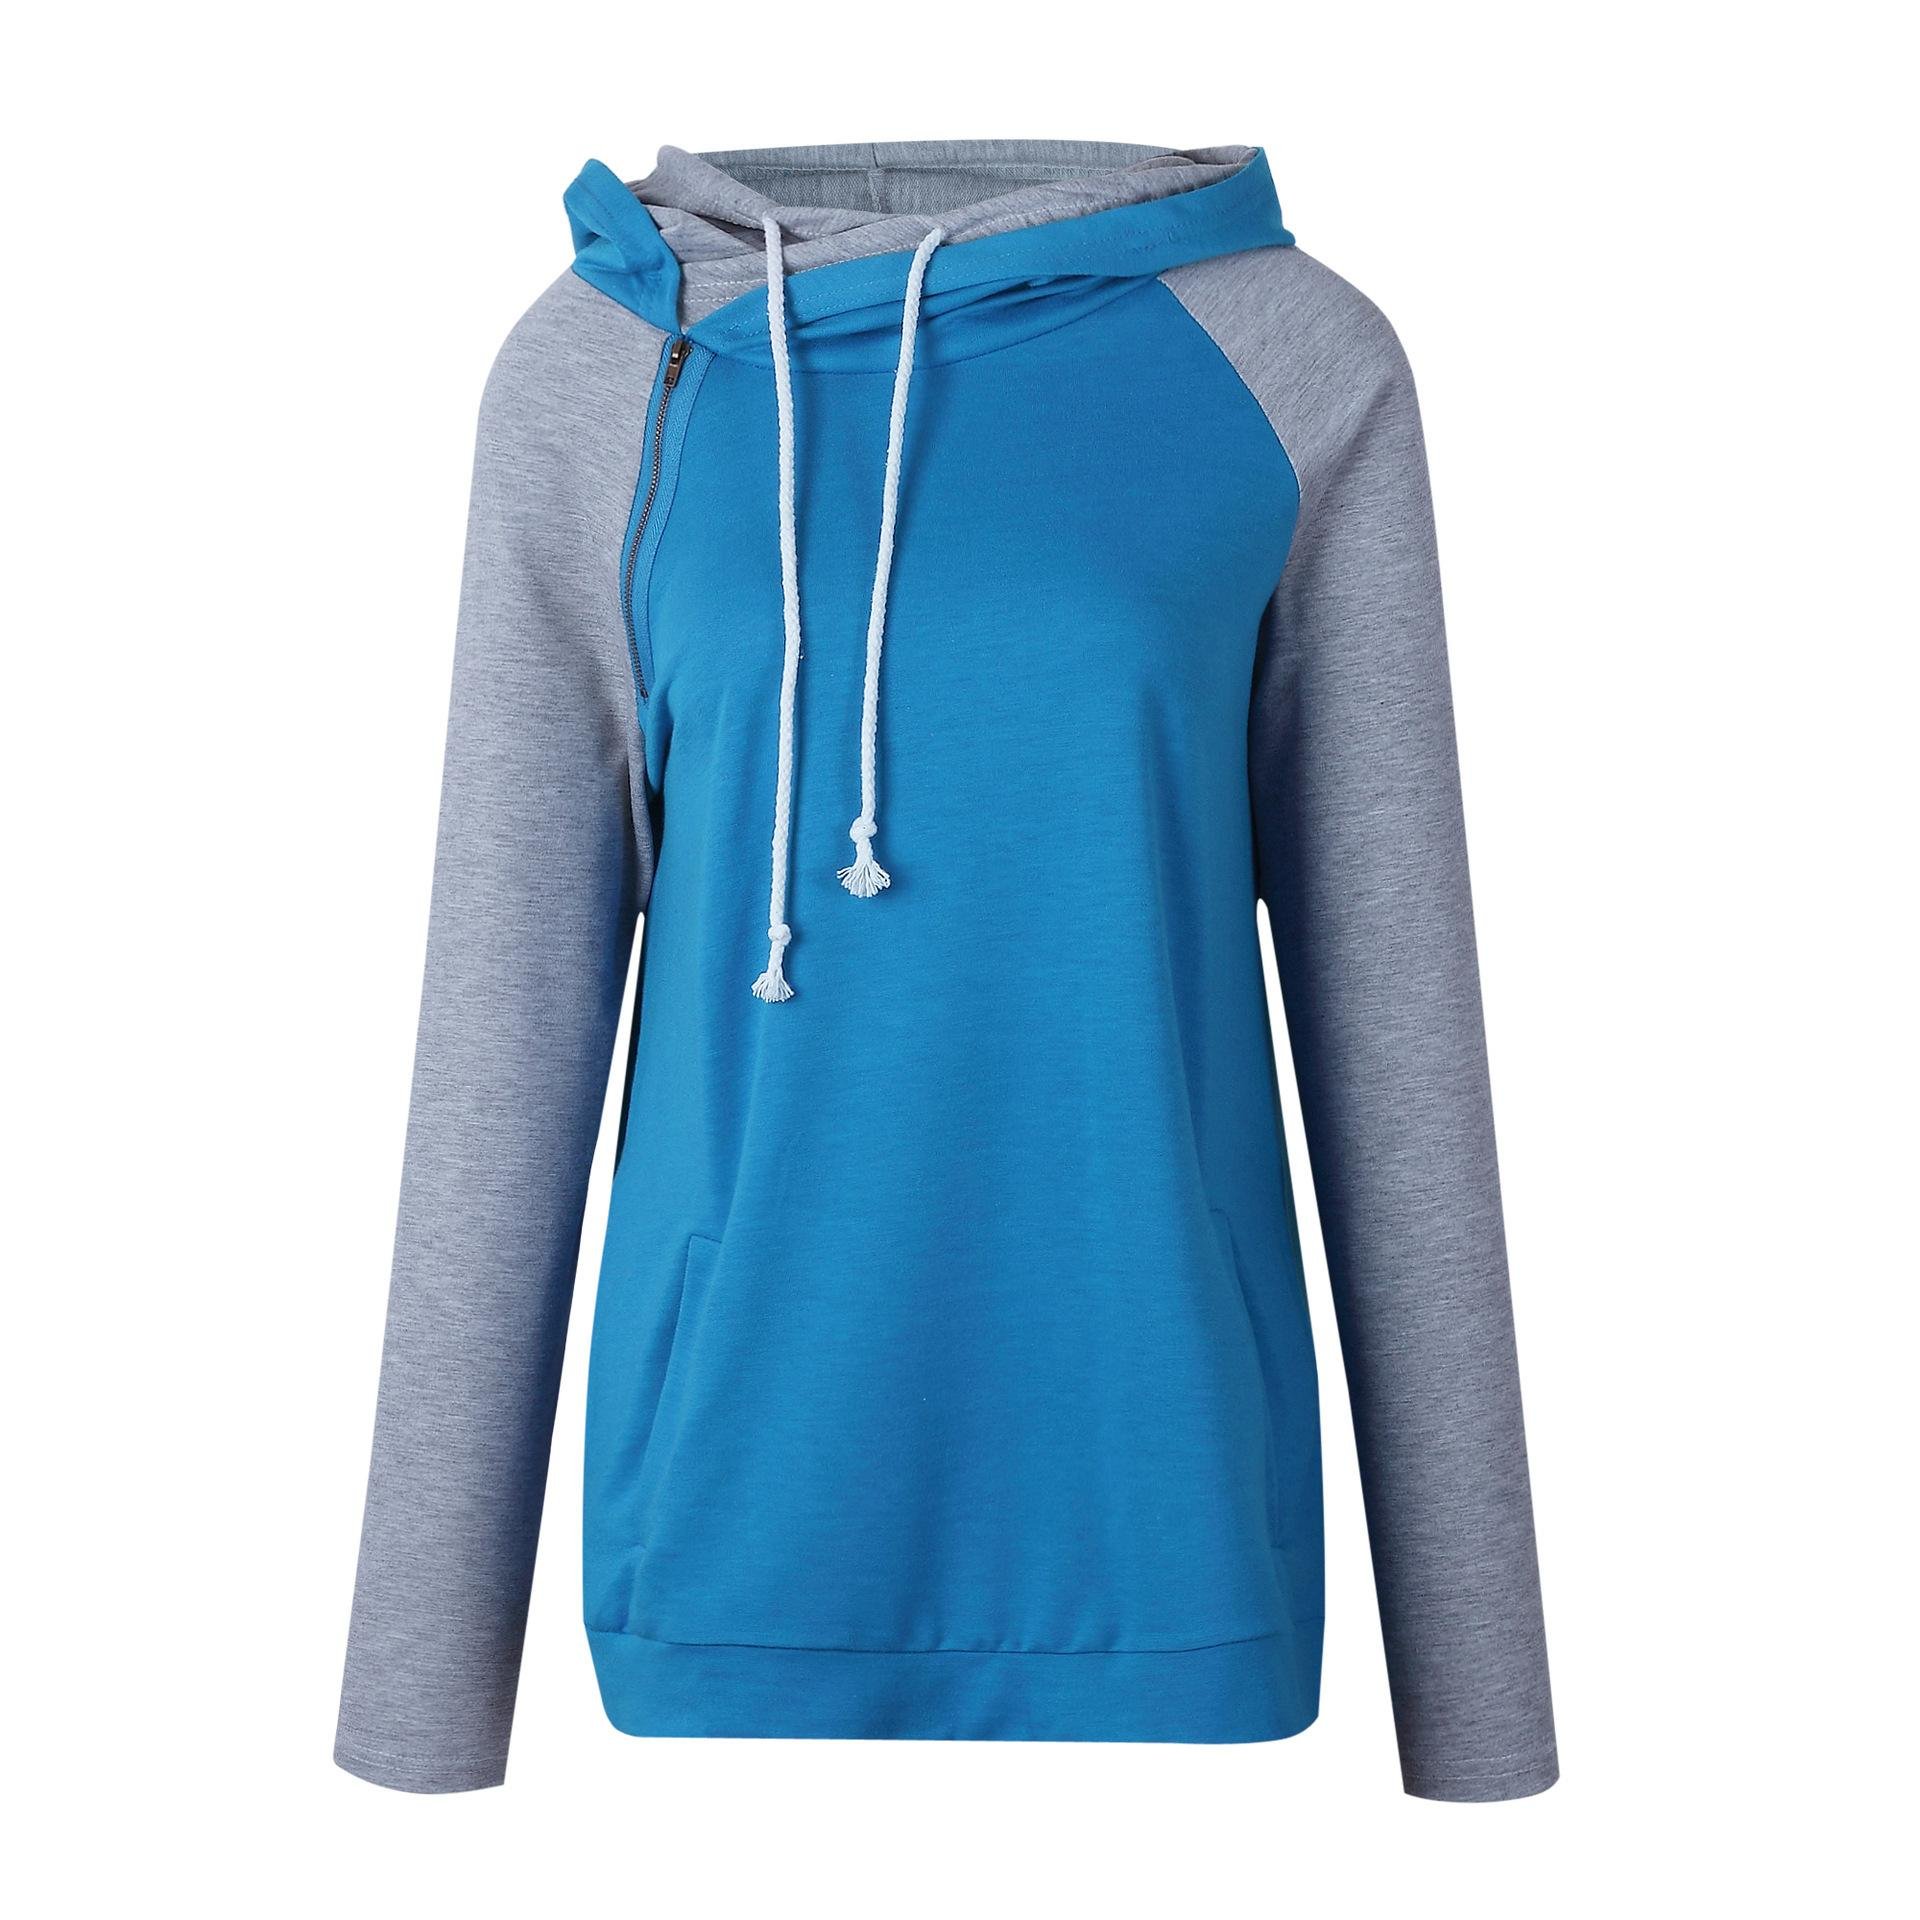 Neue stil persönlichkeit mode freizeit reißverschluss spleißen hoodie jacke 0604 #